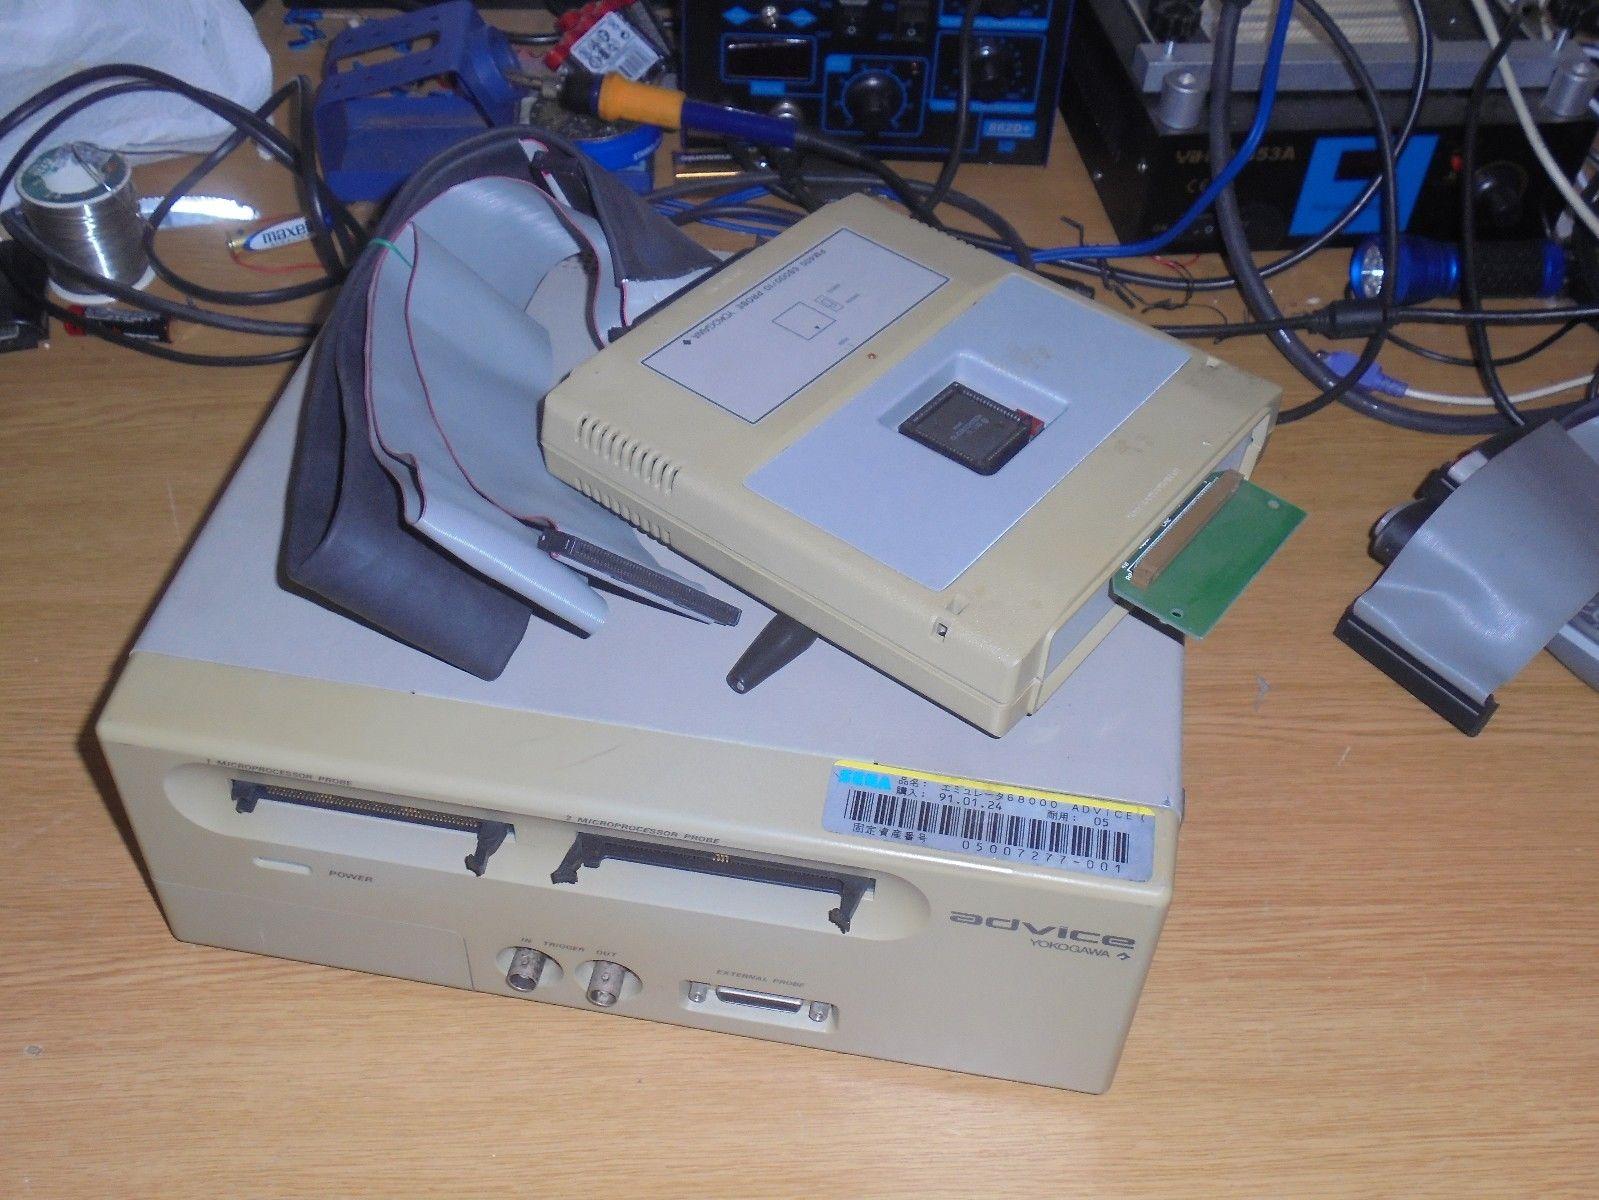 Console/SegaMegaDrive/Pictures/s-l1600 (3).jpg